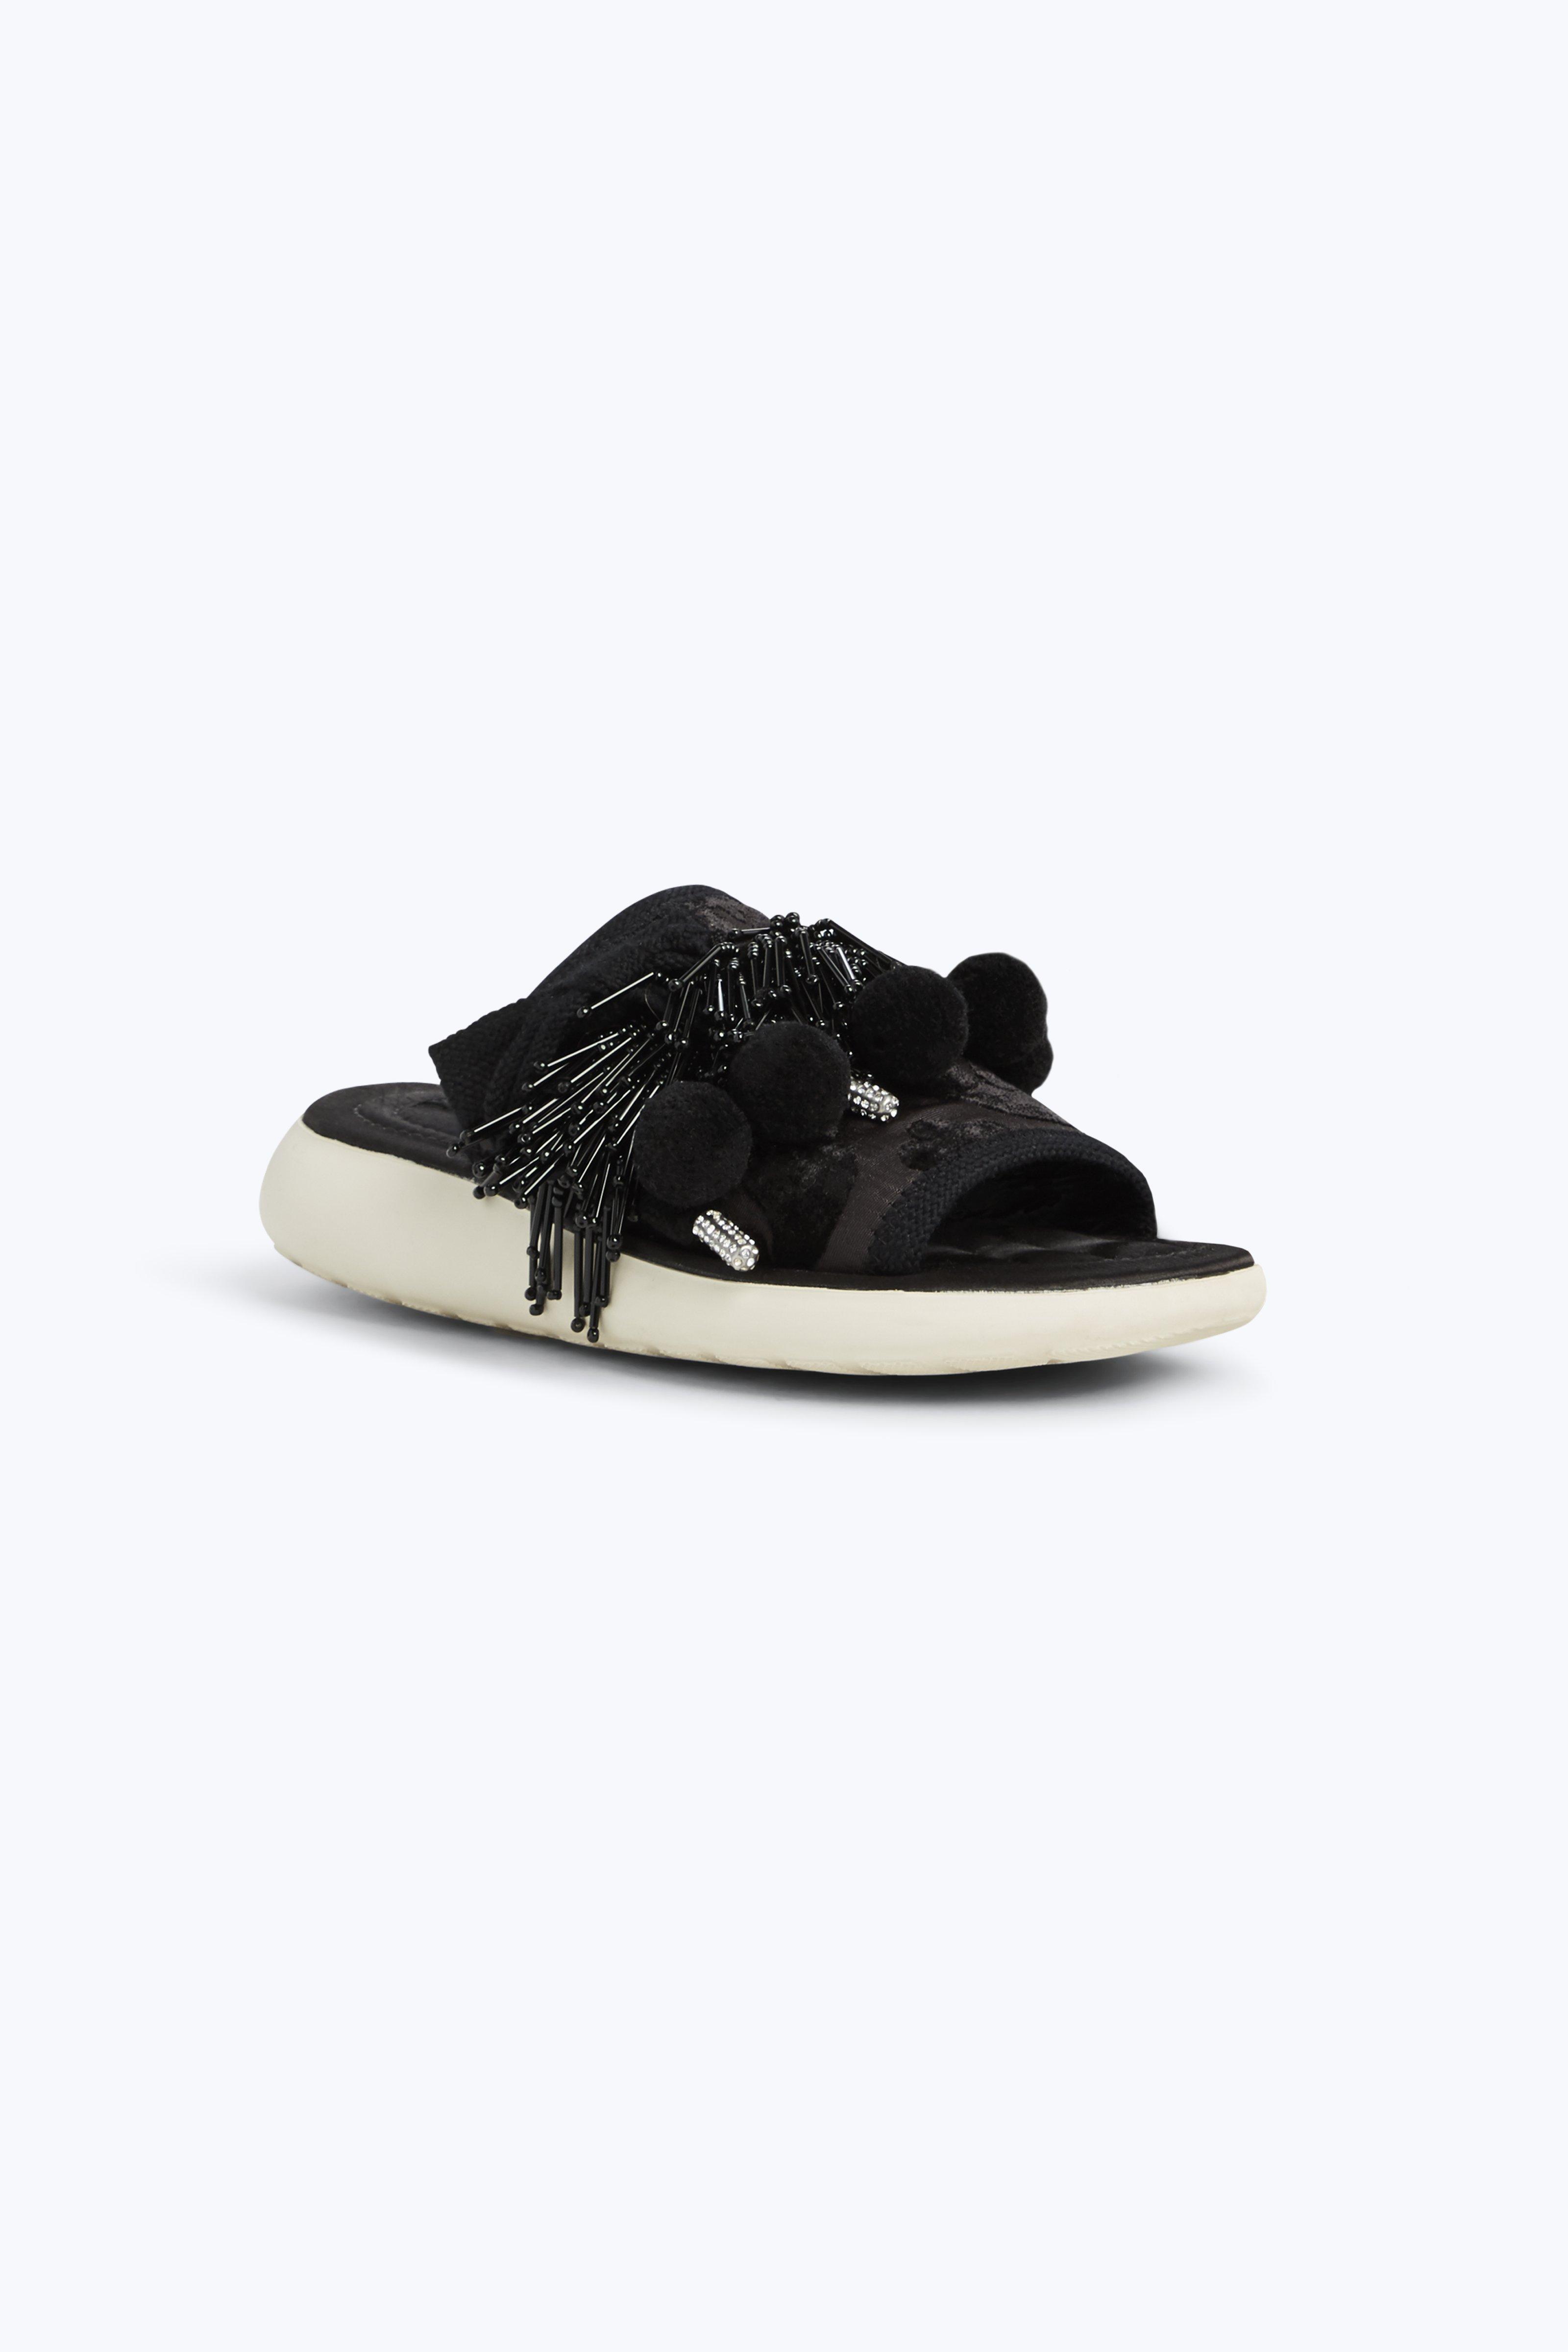 Marc Jacobs Velvets Emerson Pompom Sport Sandal